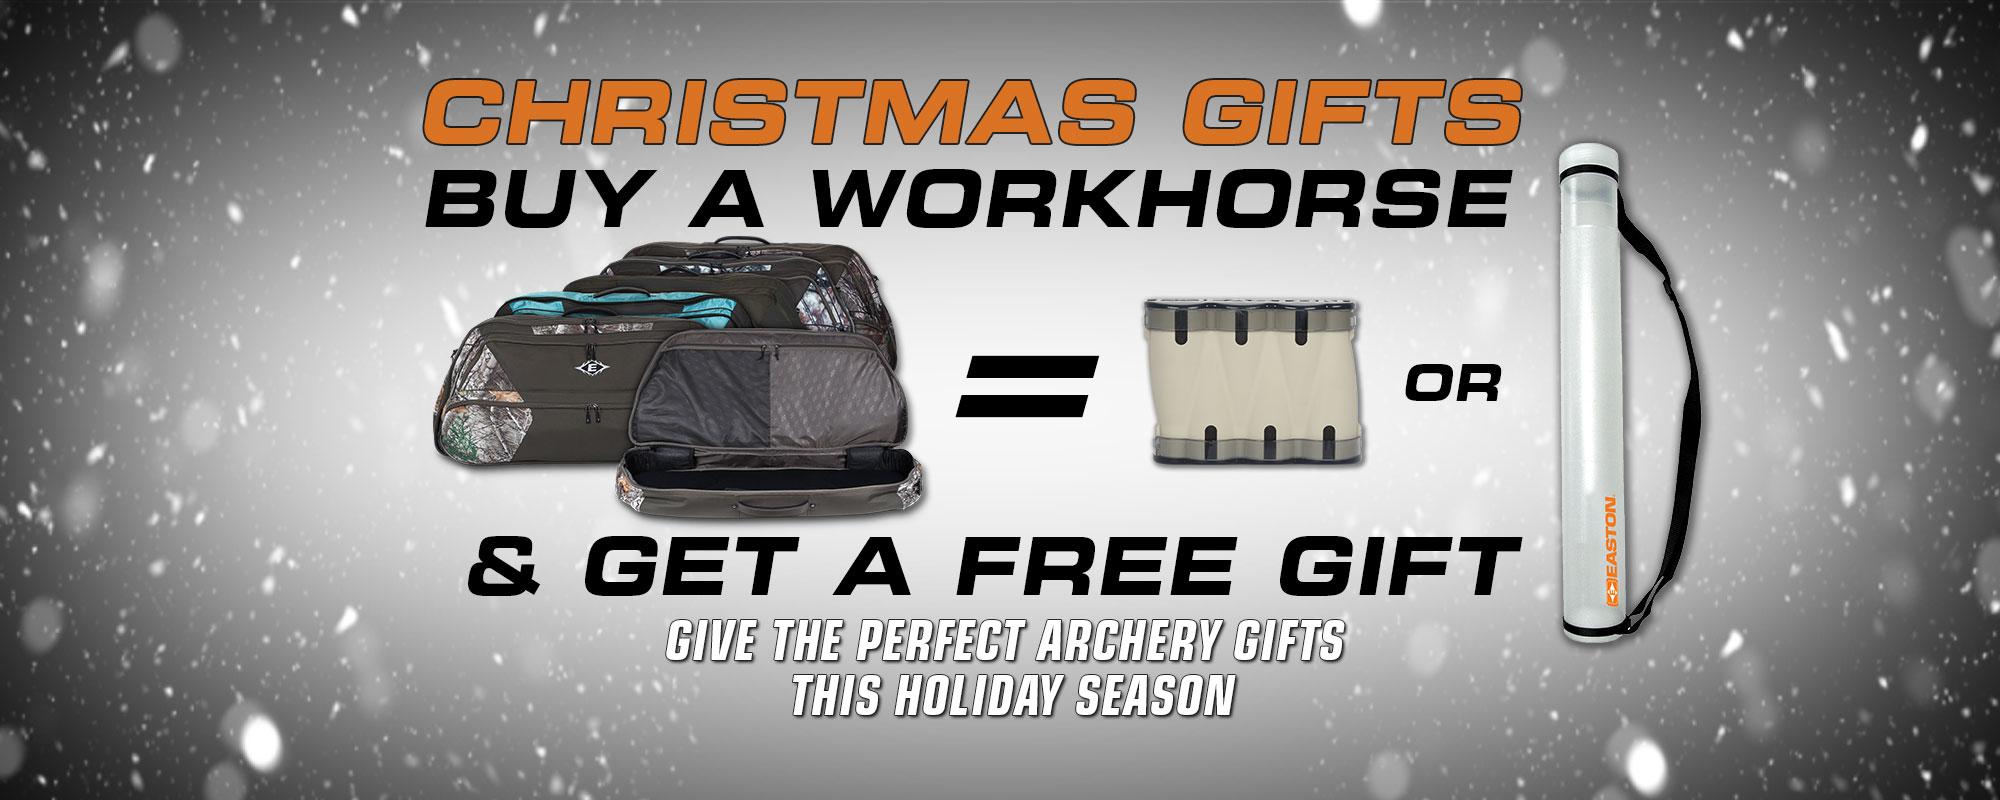 Easton Workhorse - Christmas Gift